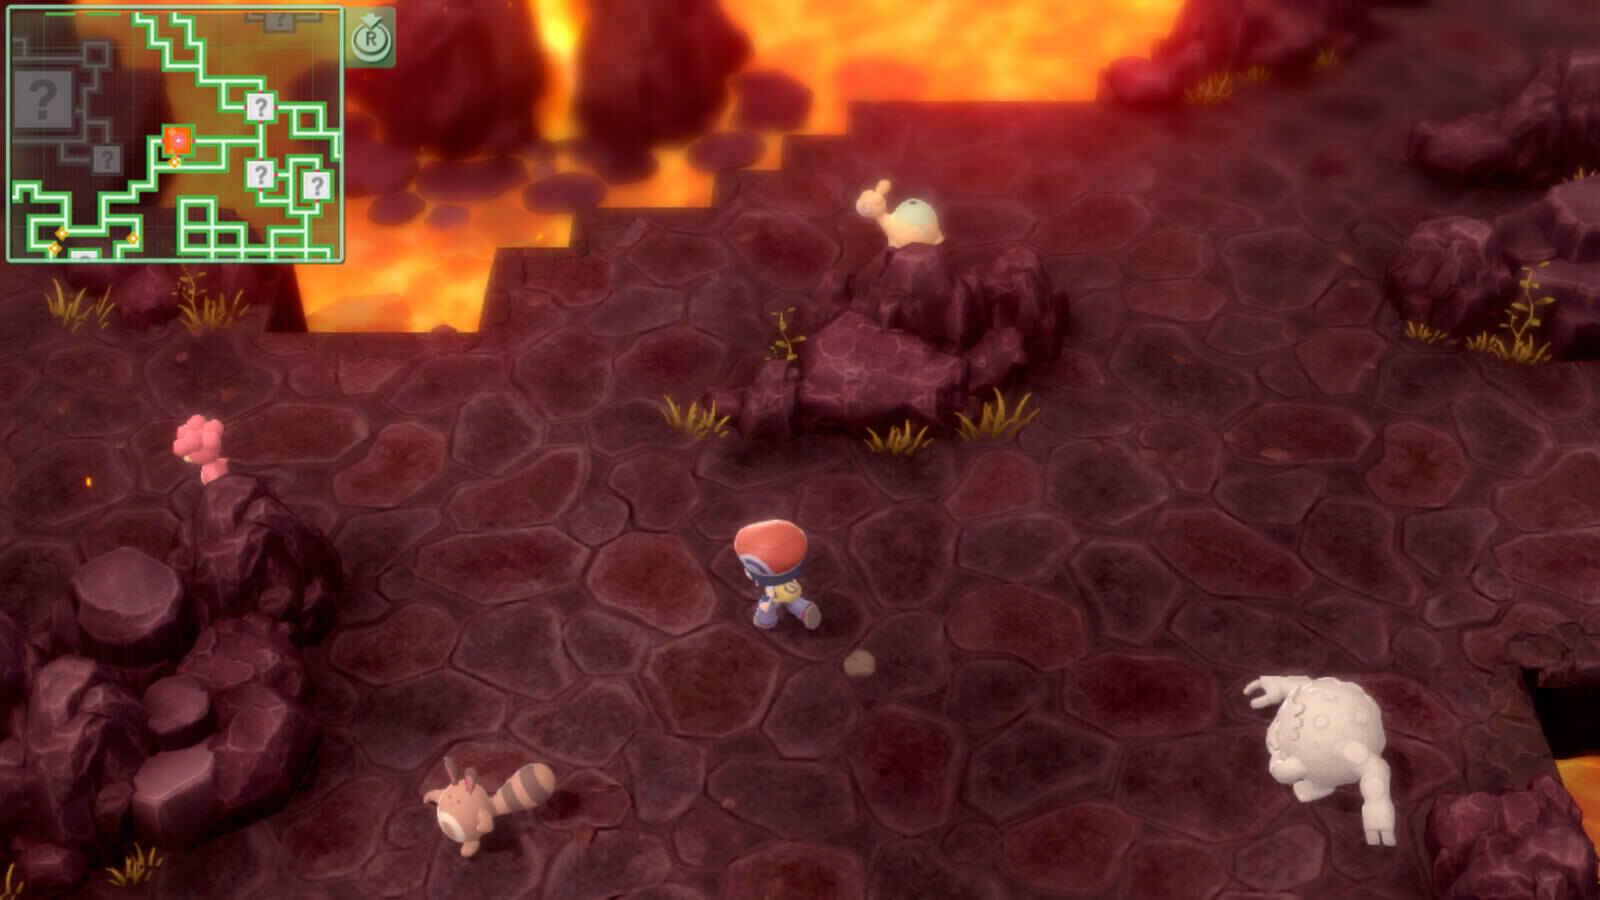 Pokemon graphics